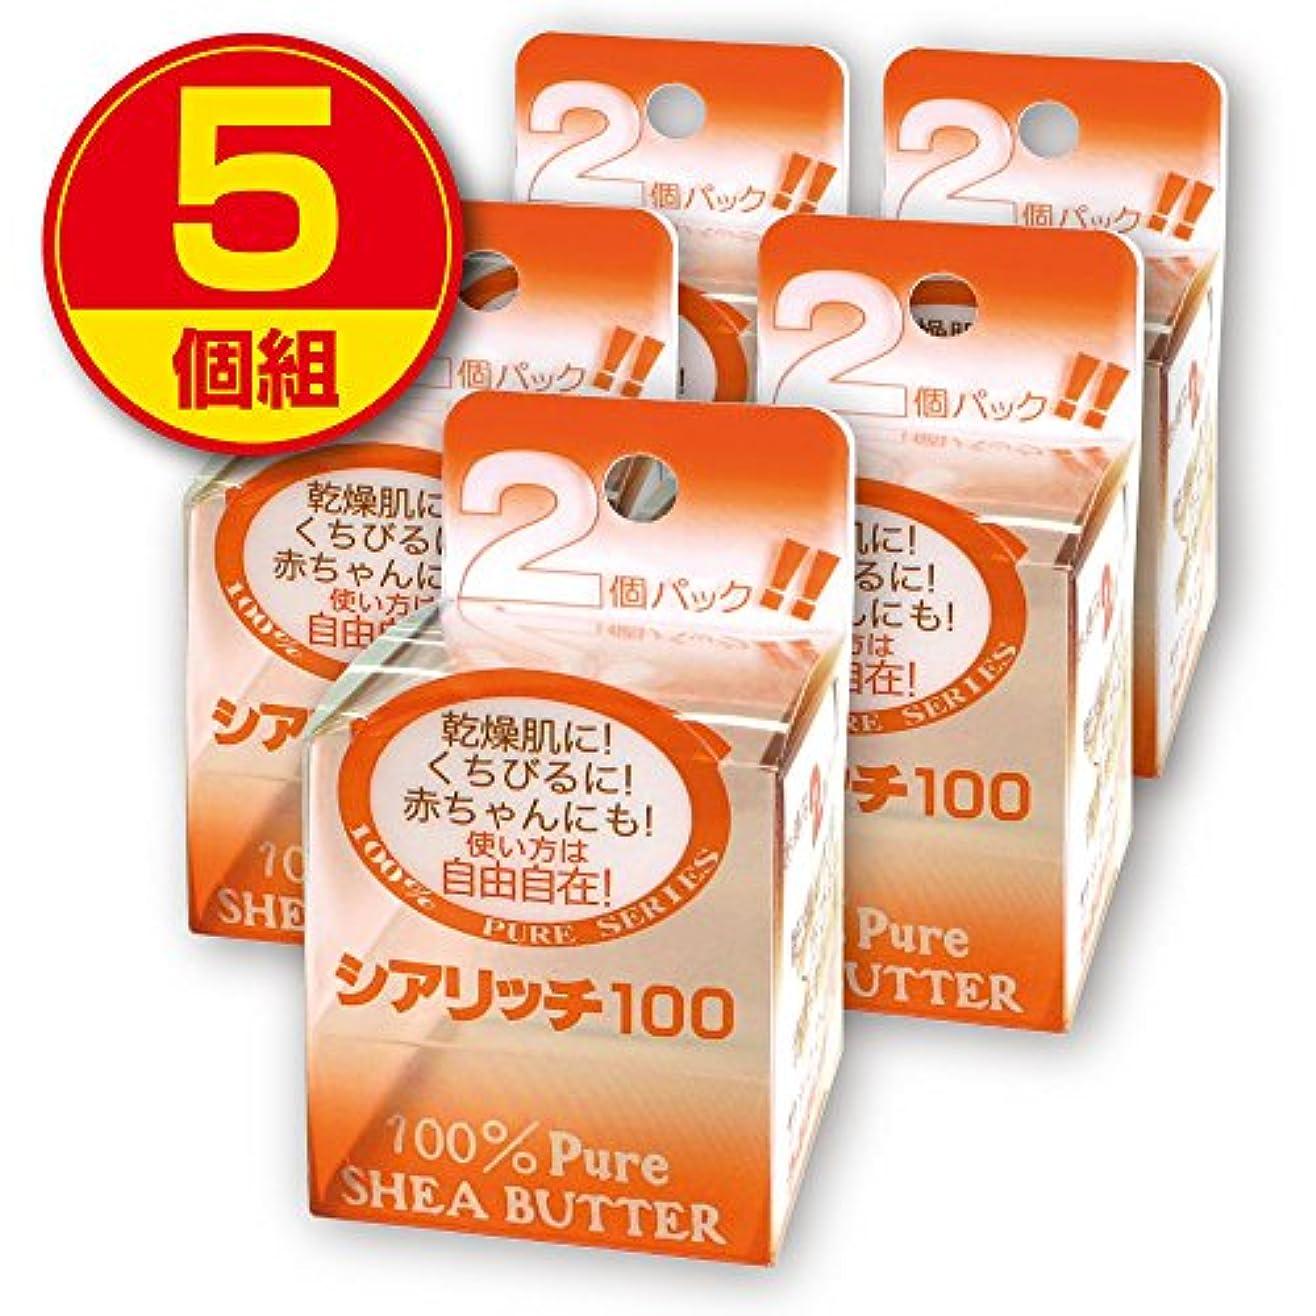 凍る医療の列挙する日本天然物研究所 シアリッチ100 (8g×2個入り)【5個組】(無添加100%シアバター)無香料